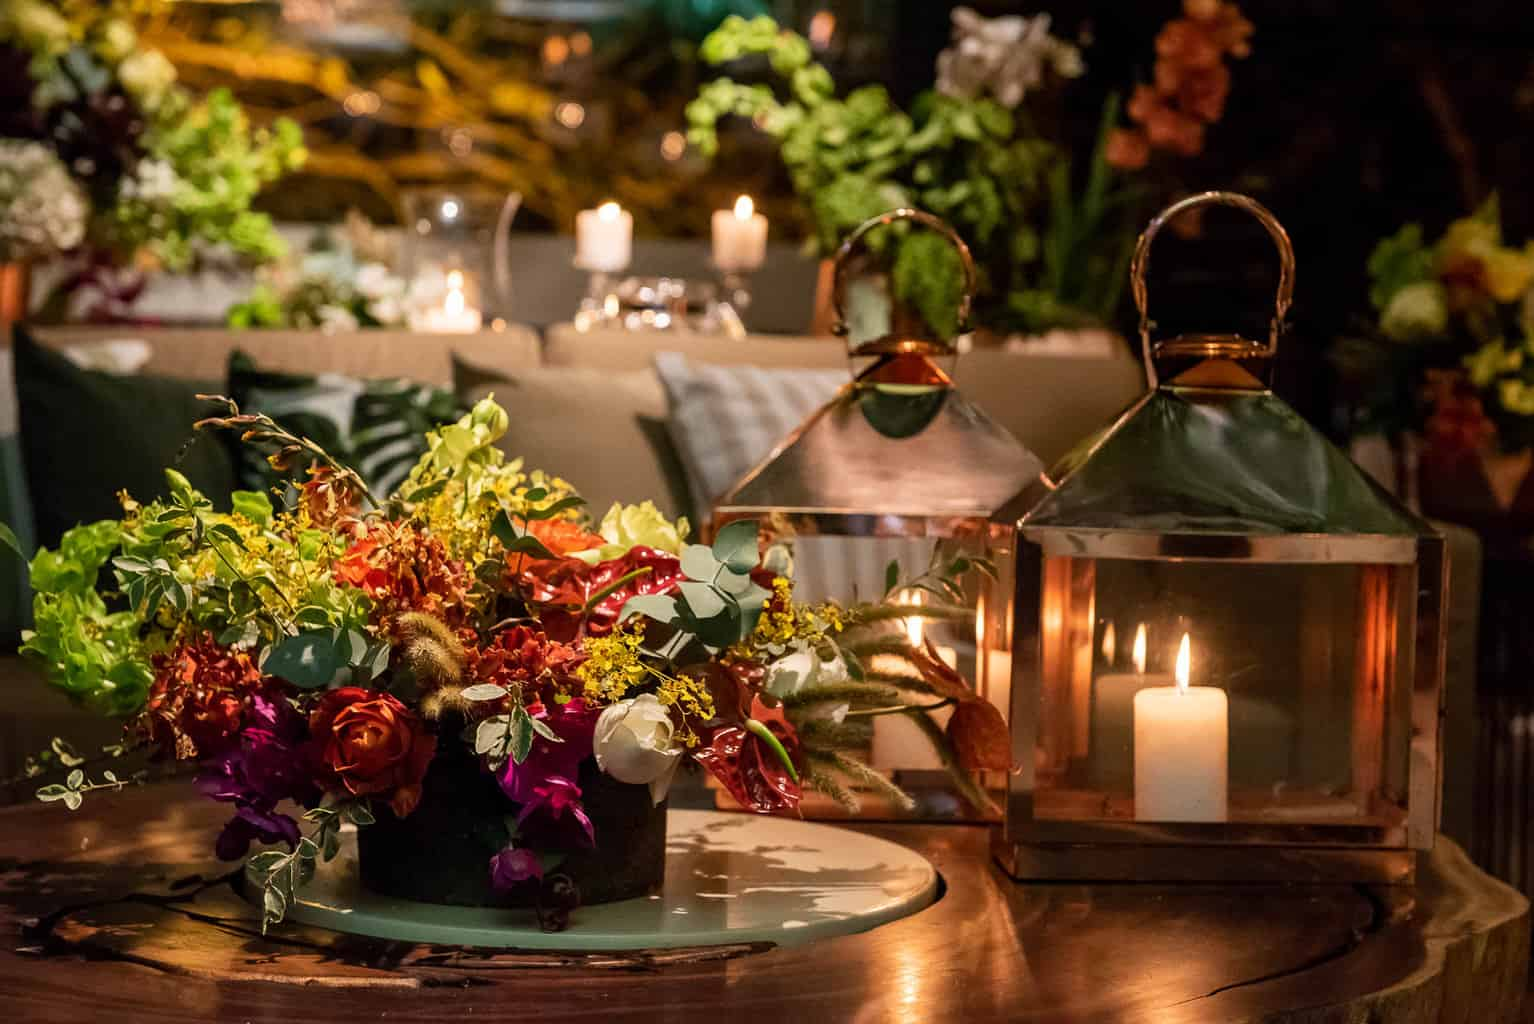 casamento-luiza-e-gustavo-cerimonial-casamento-de-ideias-decoracao-fotografia-lenine-serejo41